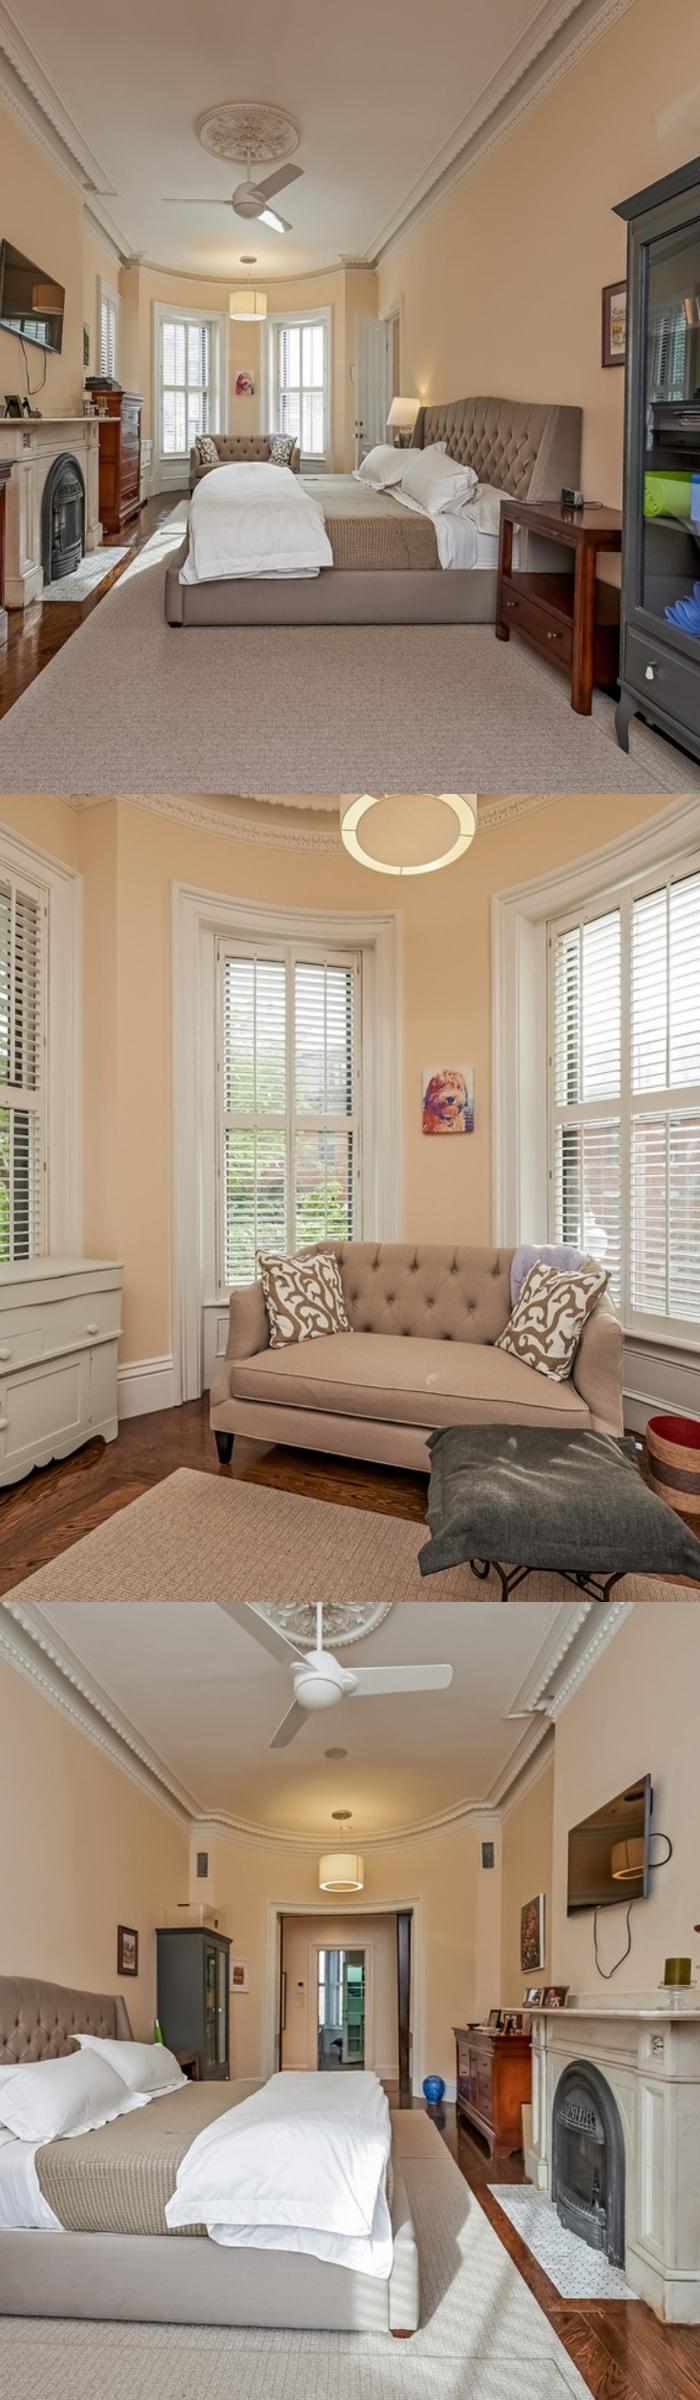 Floor to Ceiling Bay Window Bedroom